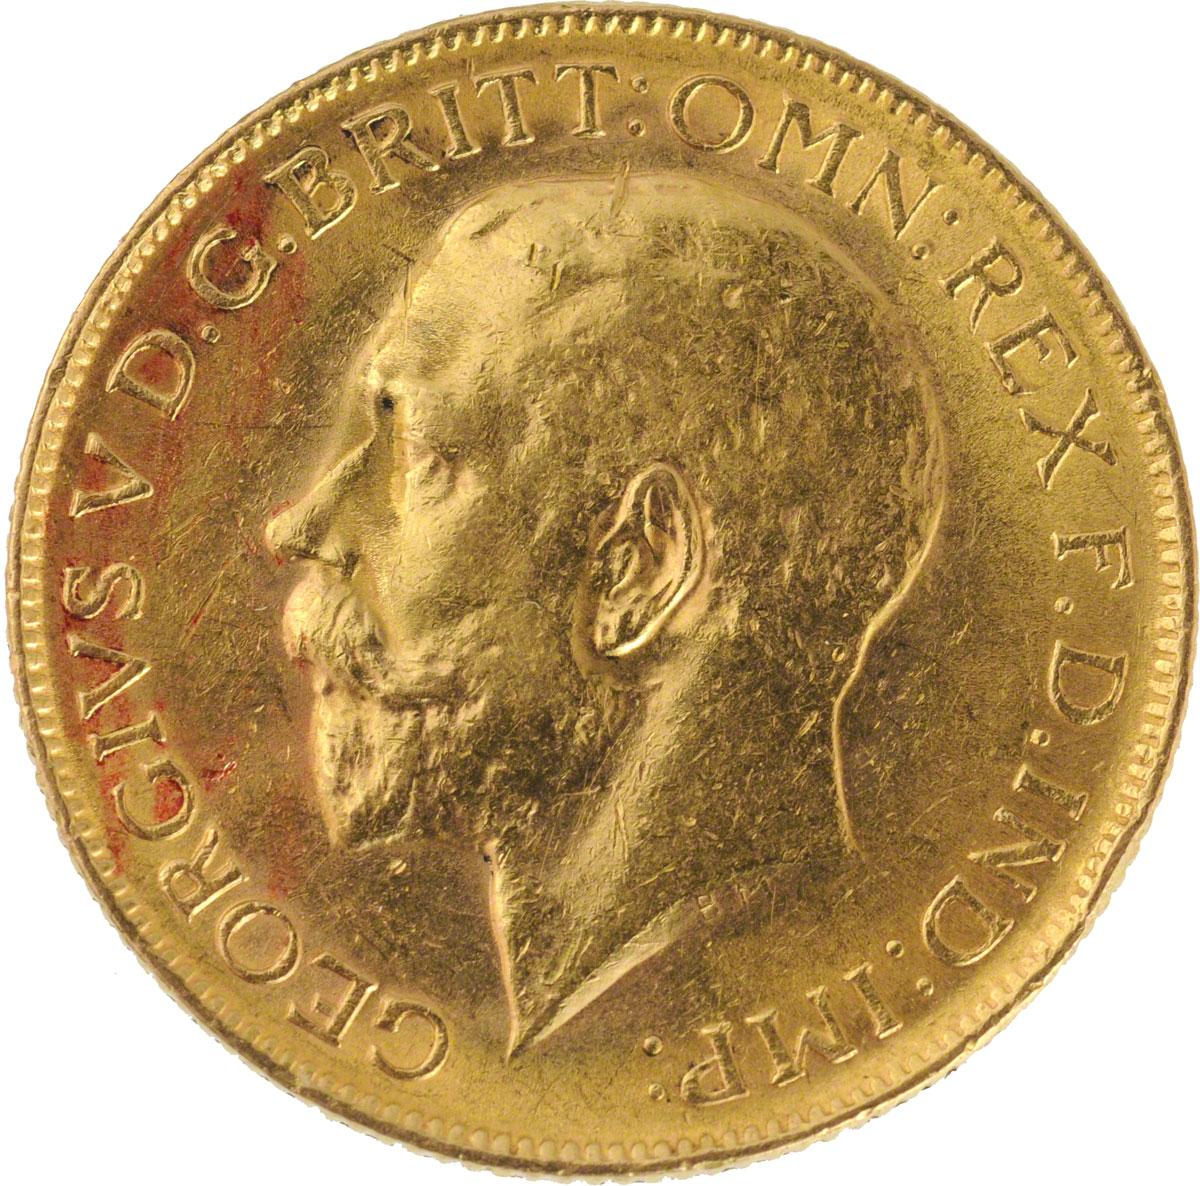 1912 Γεώργιος Ε' (Νομισματοκοπείο Περθ)